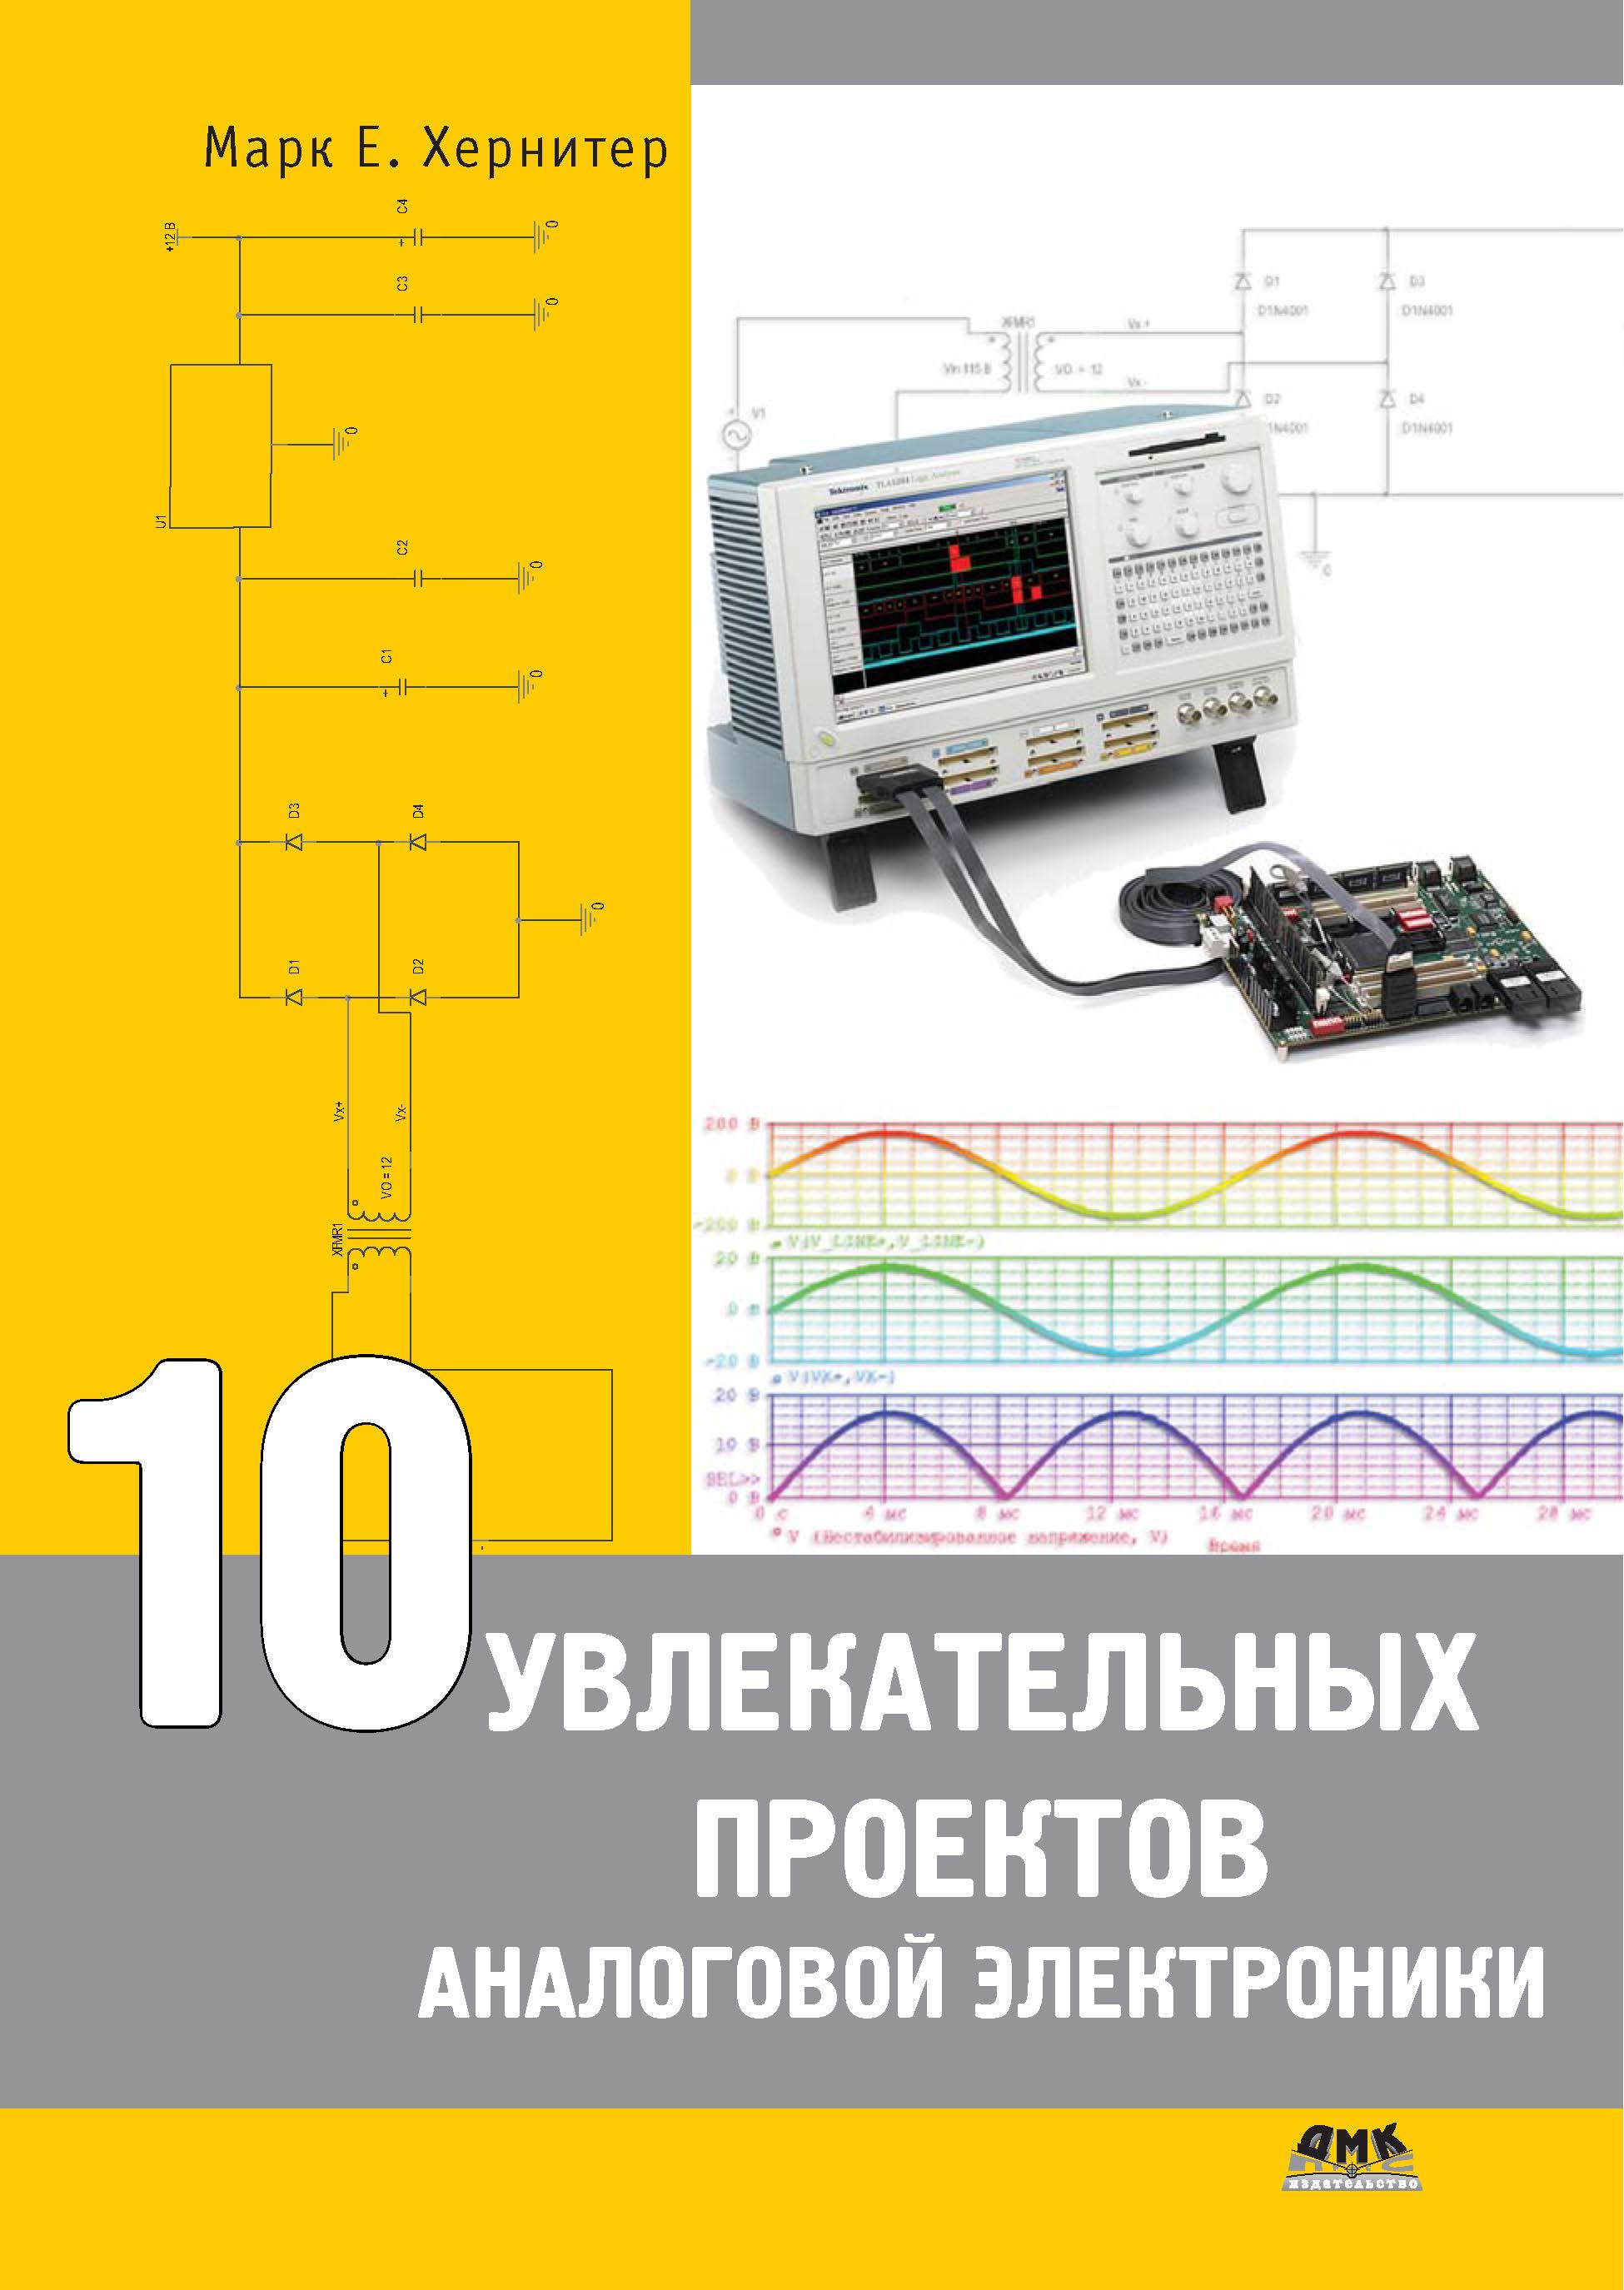 Марк Е. Хернитер 10 увлекательных проектов аналоговой электроники